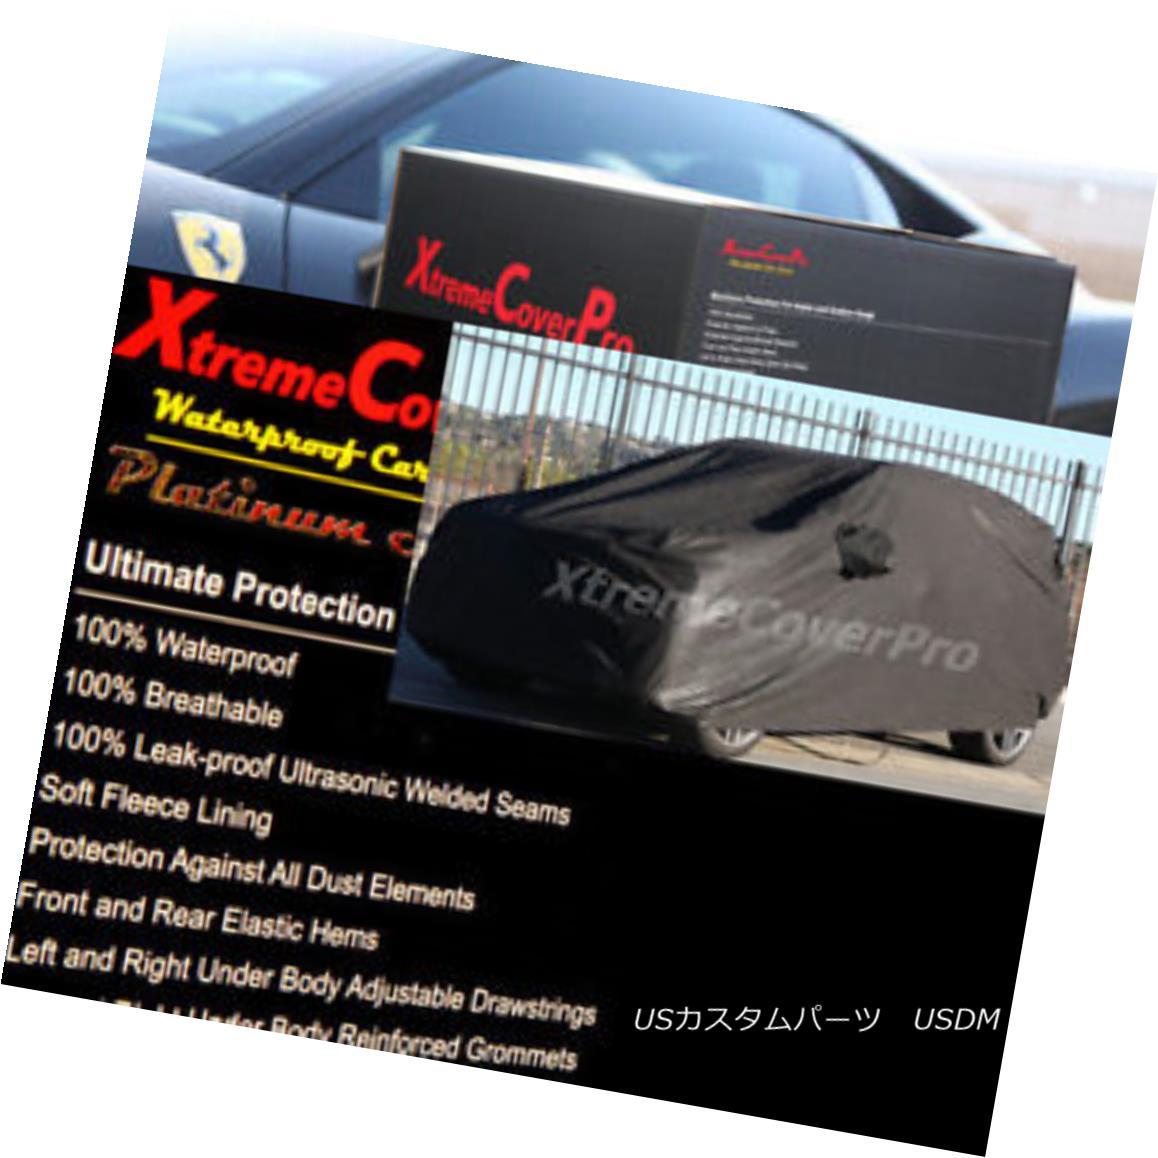 カーカバー 2002 2003 2004 2005 2006 Honda CR-V Waterproof Car Cover w/MirrorPocket 2002年2003年2004年2005年ホンダCR-V防水カーカバー付き(MirrorPocket)